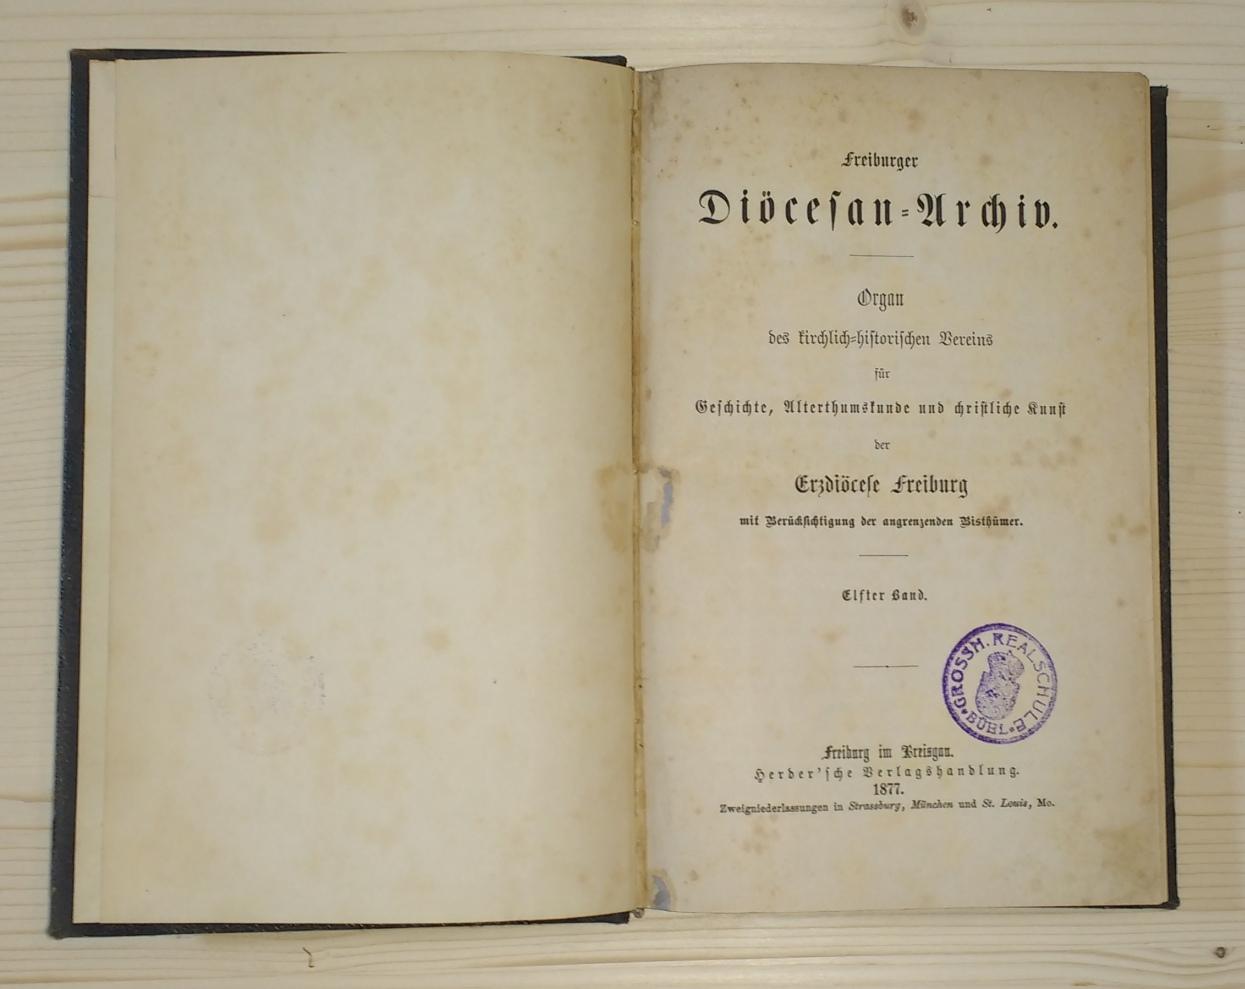 Freiburger Diöcesan-Archiv. Organ des kirchlich-historischen Vereins für: Erzdiöcese Freiburg: